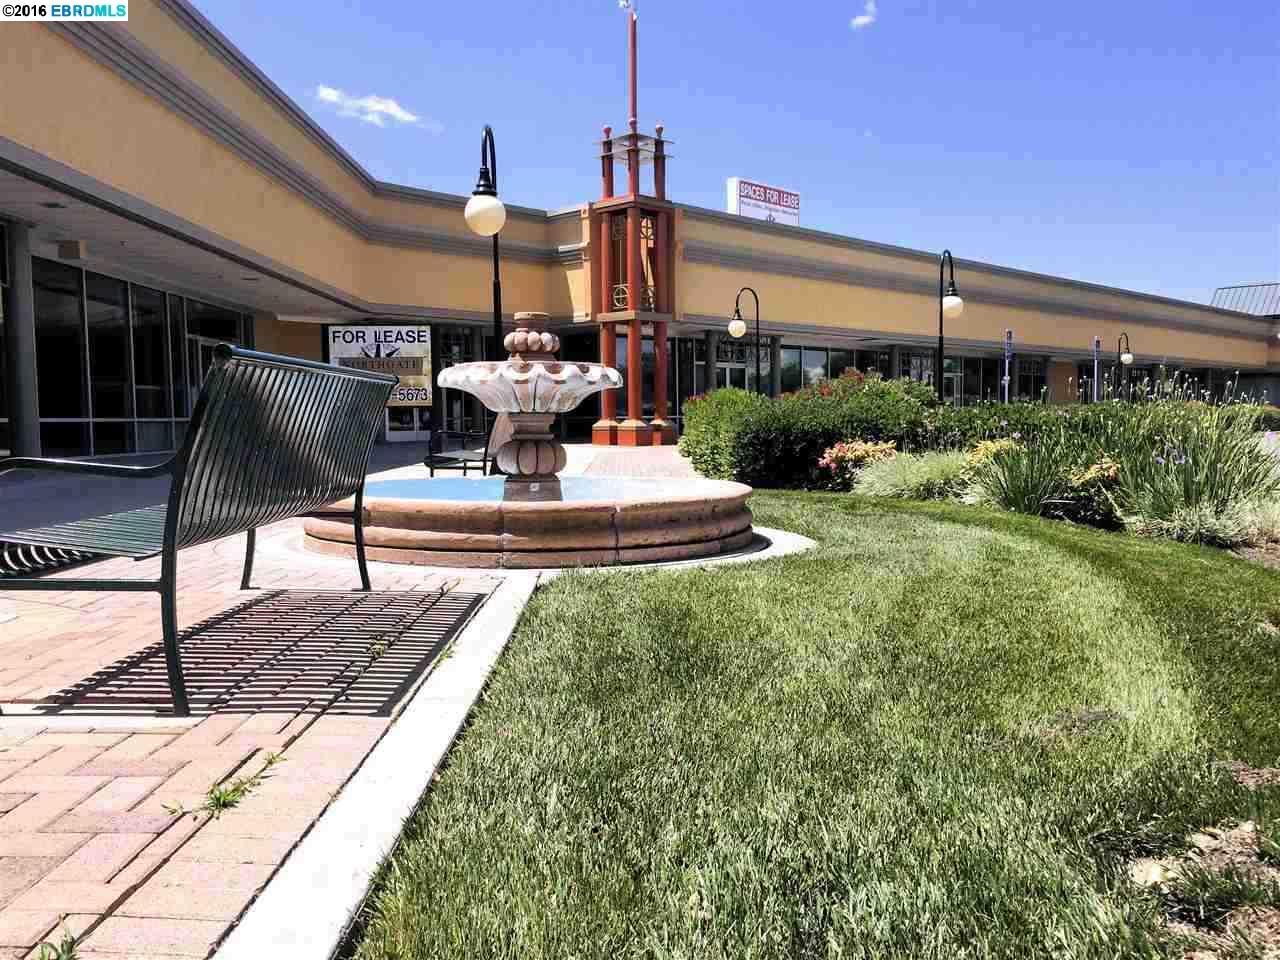 一戸建て のために 賃貸 アット 1005 E Pescadero suite 187 1005 E Pescadero suite 187 Tracy, カリフォルニア 95304 アメリカ合衆国